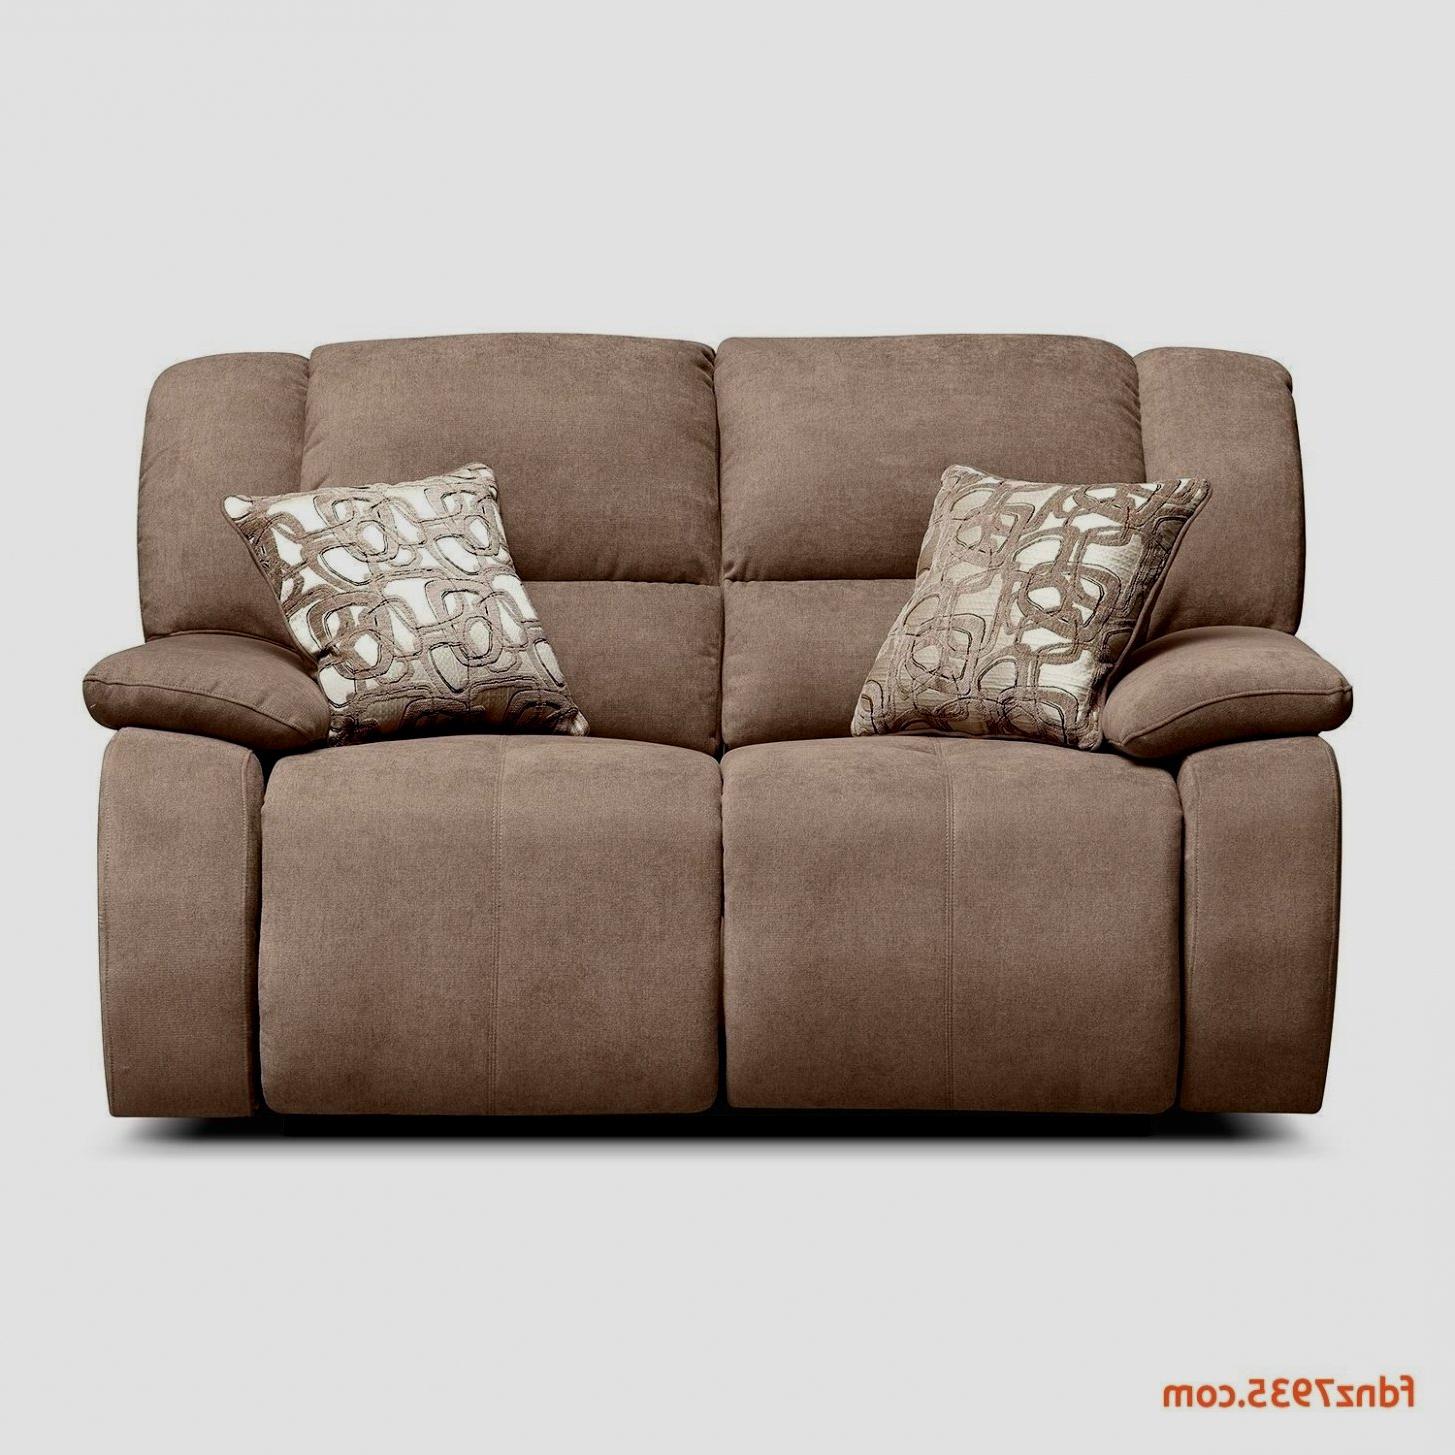 Sofas Tarragona 8ydm sofas Baratos Tarragona Bien sofas Cheslong Grandes Estilo Debido A